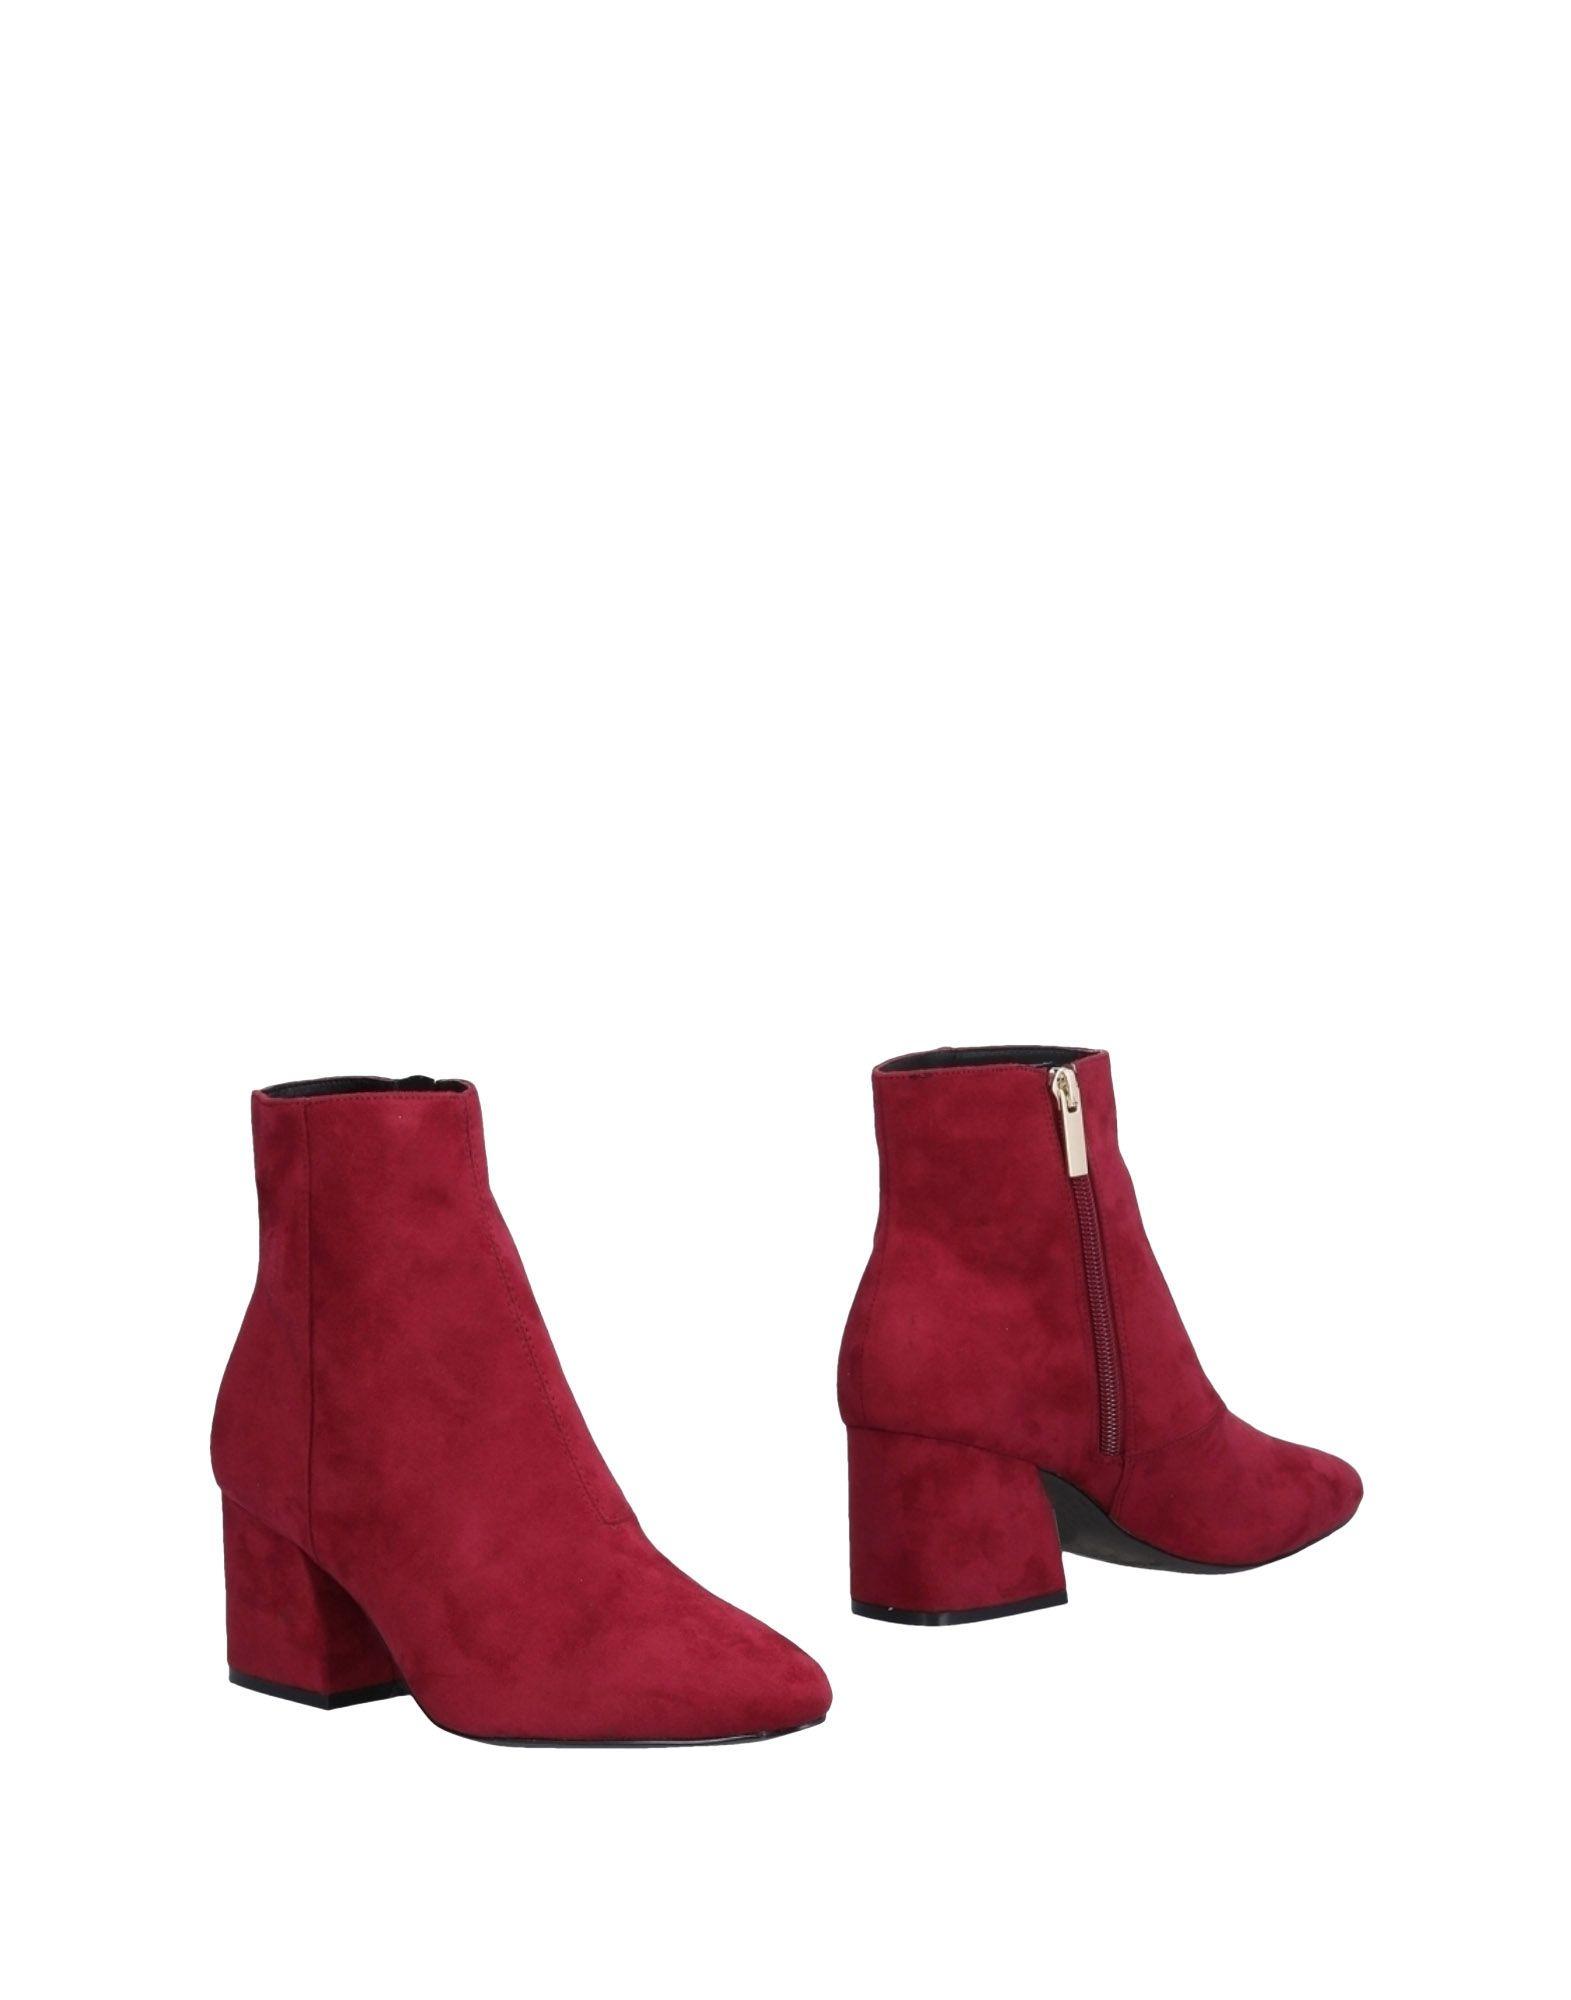 Bottine Fornarina Femme - Bottines Fornarina Noir Chaussures femme pas cher homme et femme